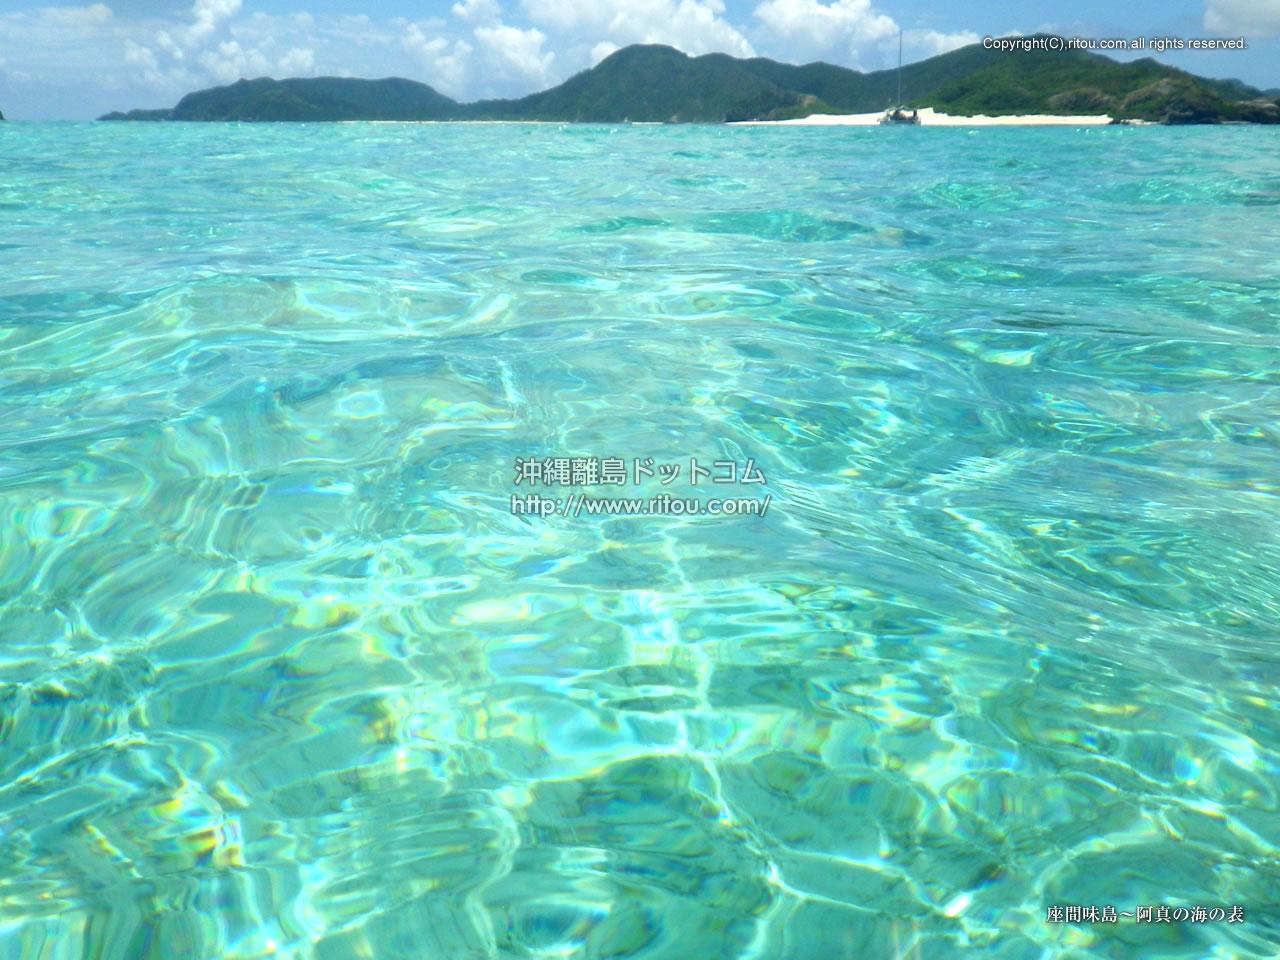 座間味島〜阿真の海の表